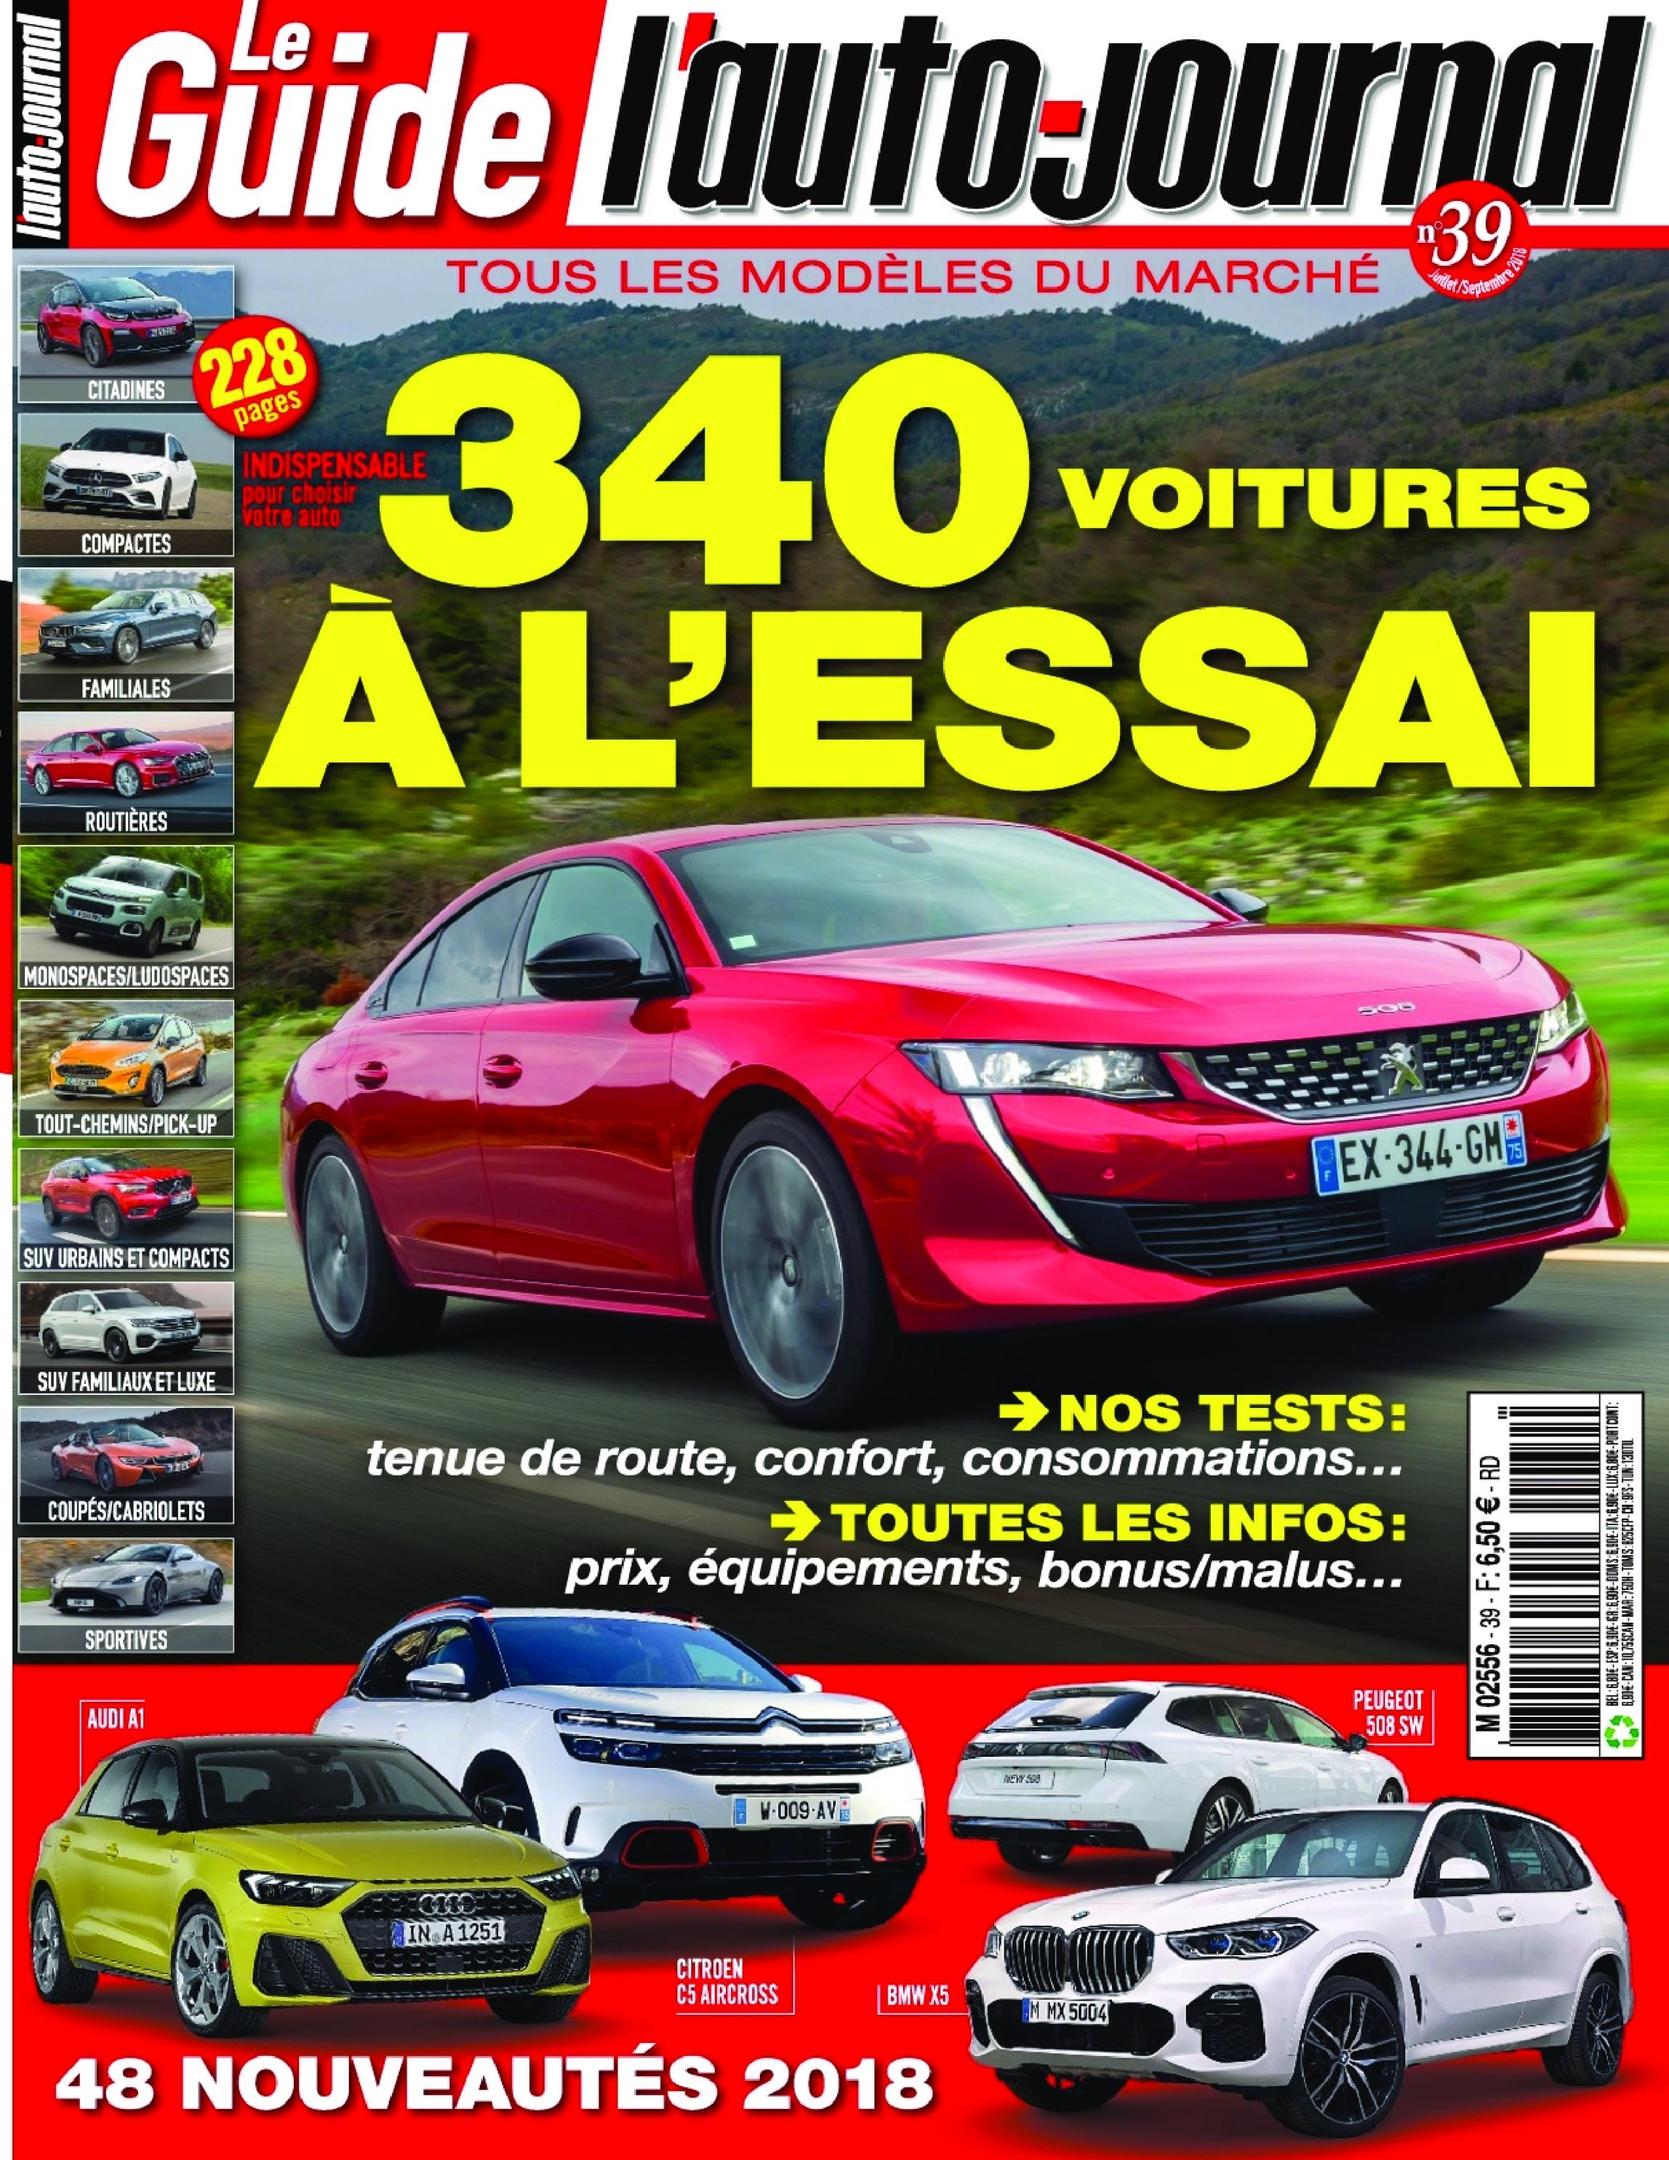 L'Auto-Journal (Le Guide) – Juillet 2018